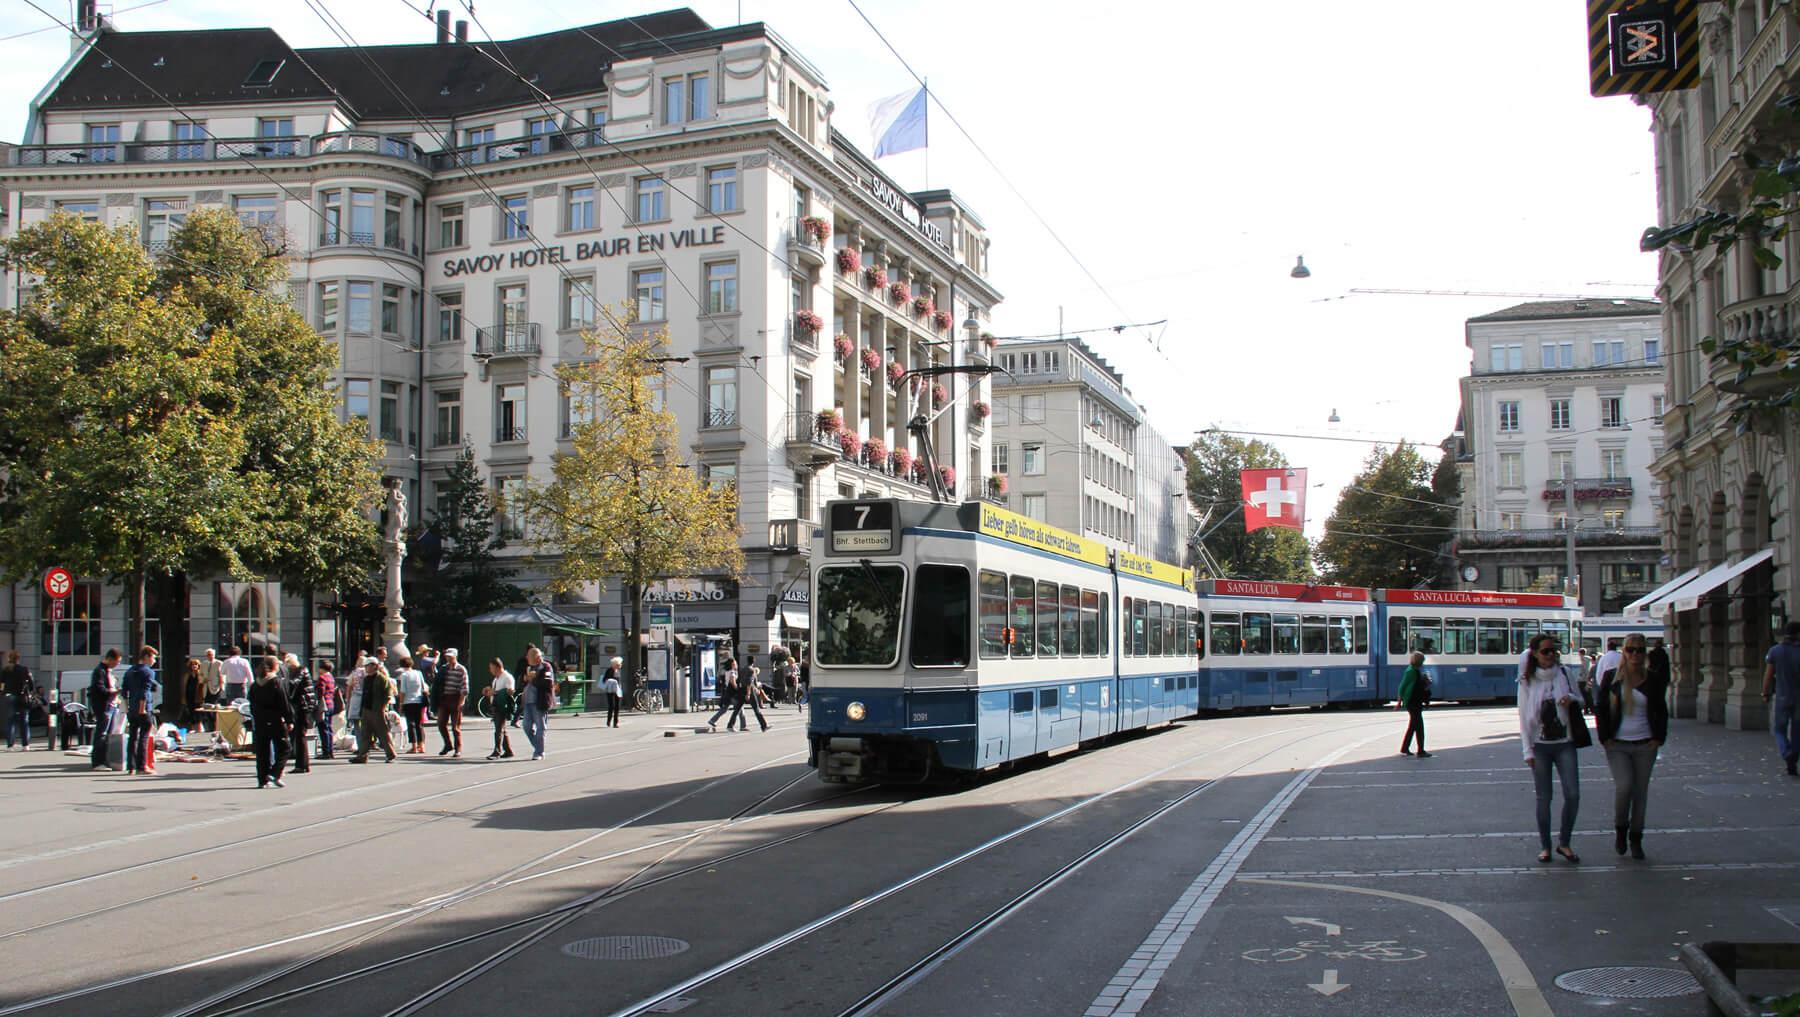 Улица Банхофштрассе (Bahnhofstrasse)